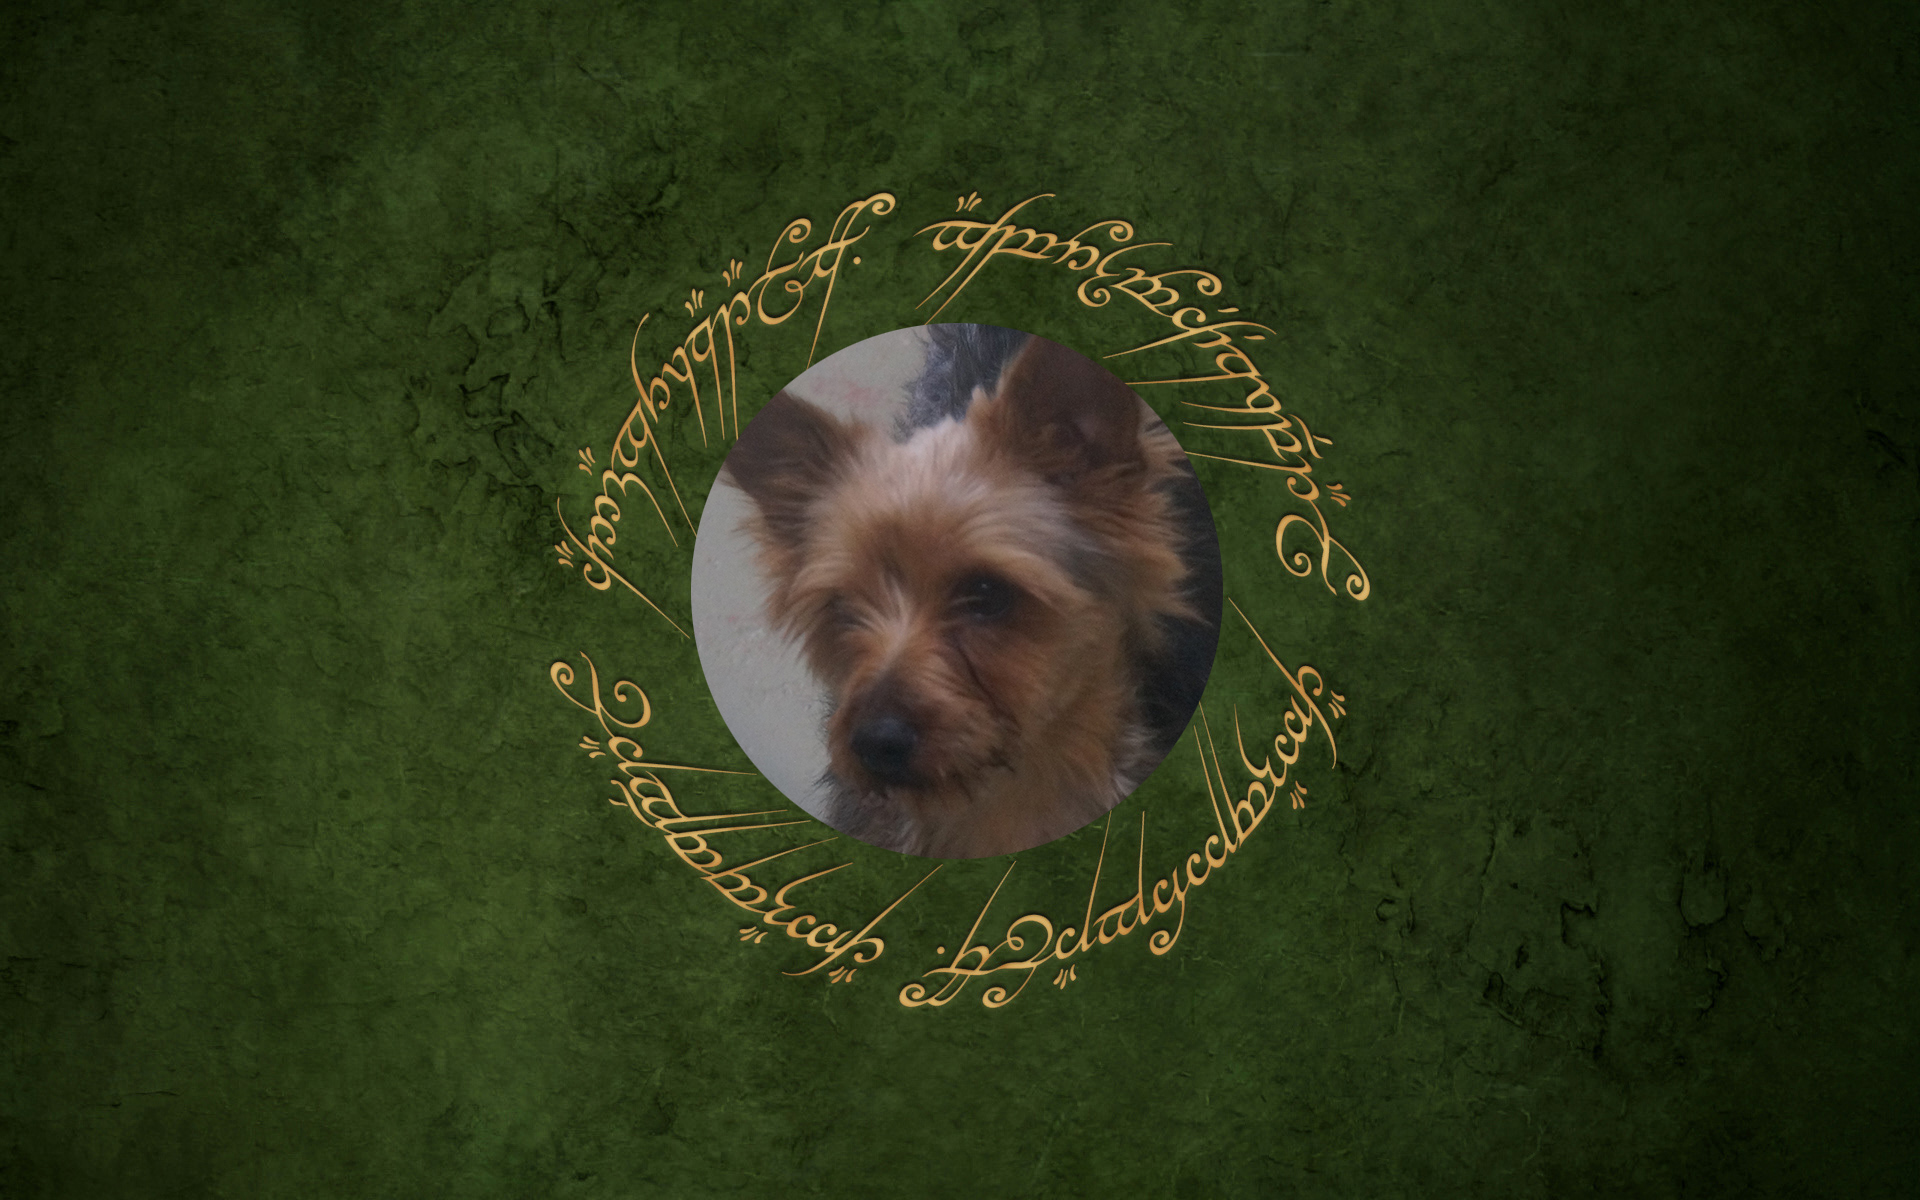 Dog of the Week: Samwise